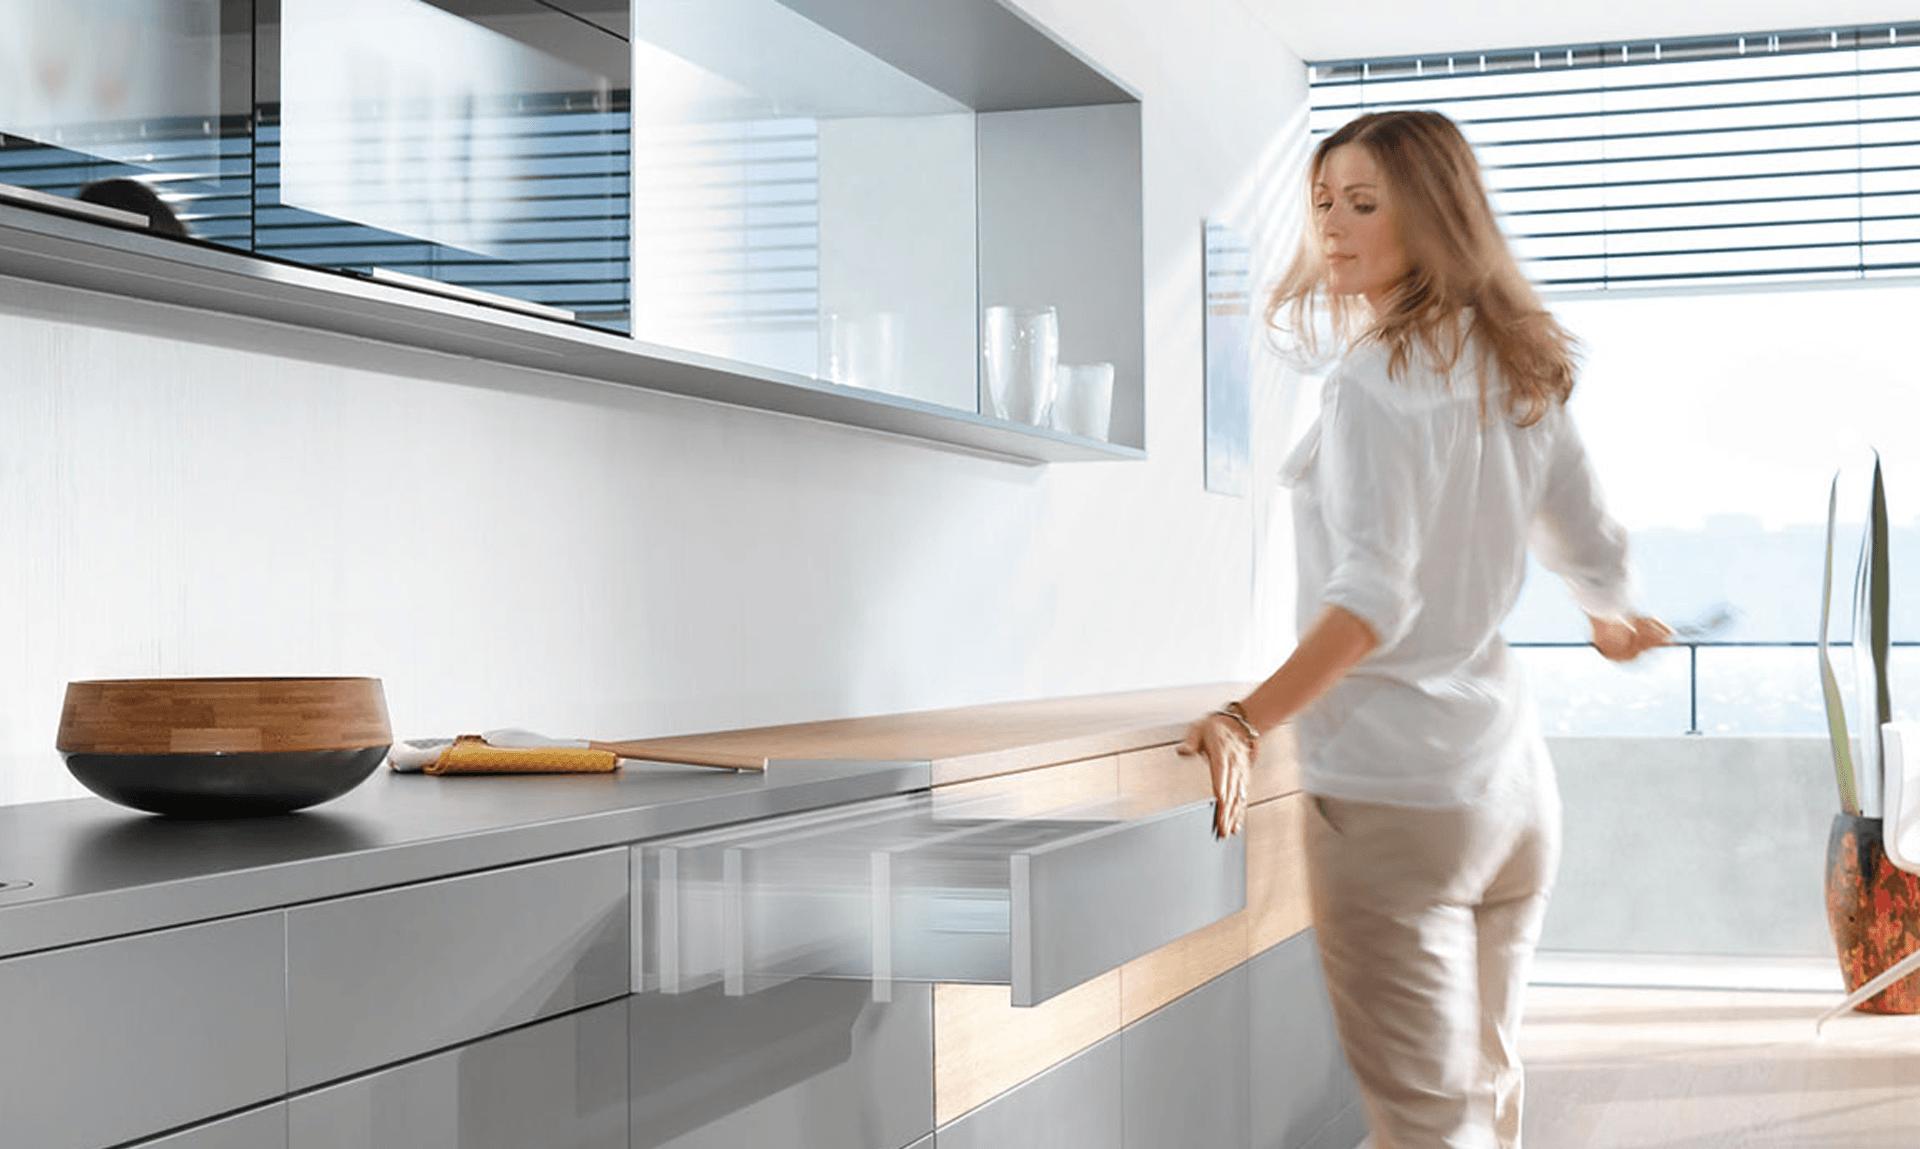 accessori-cucina-blum-lube&creo-store-corsico - Lube e Creo ...